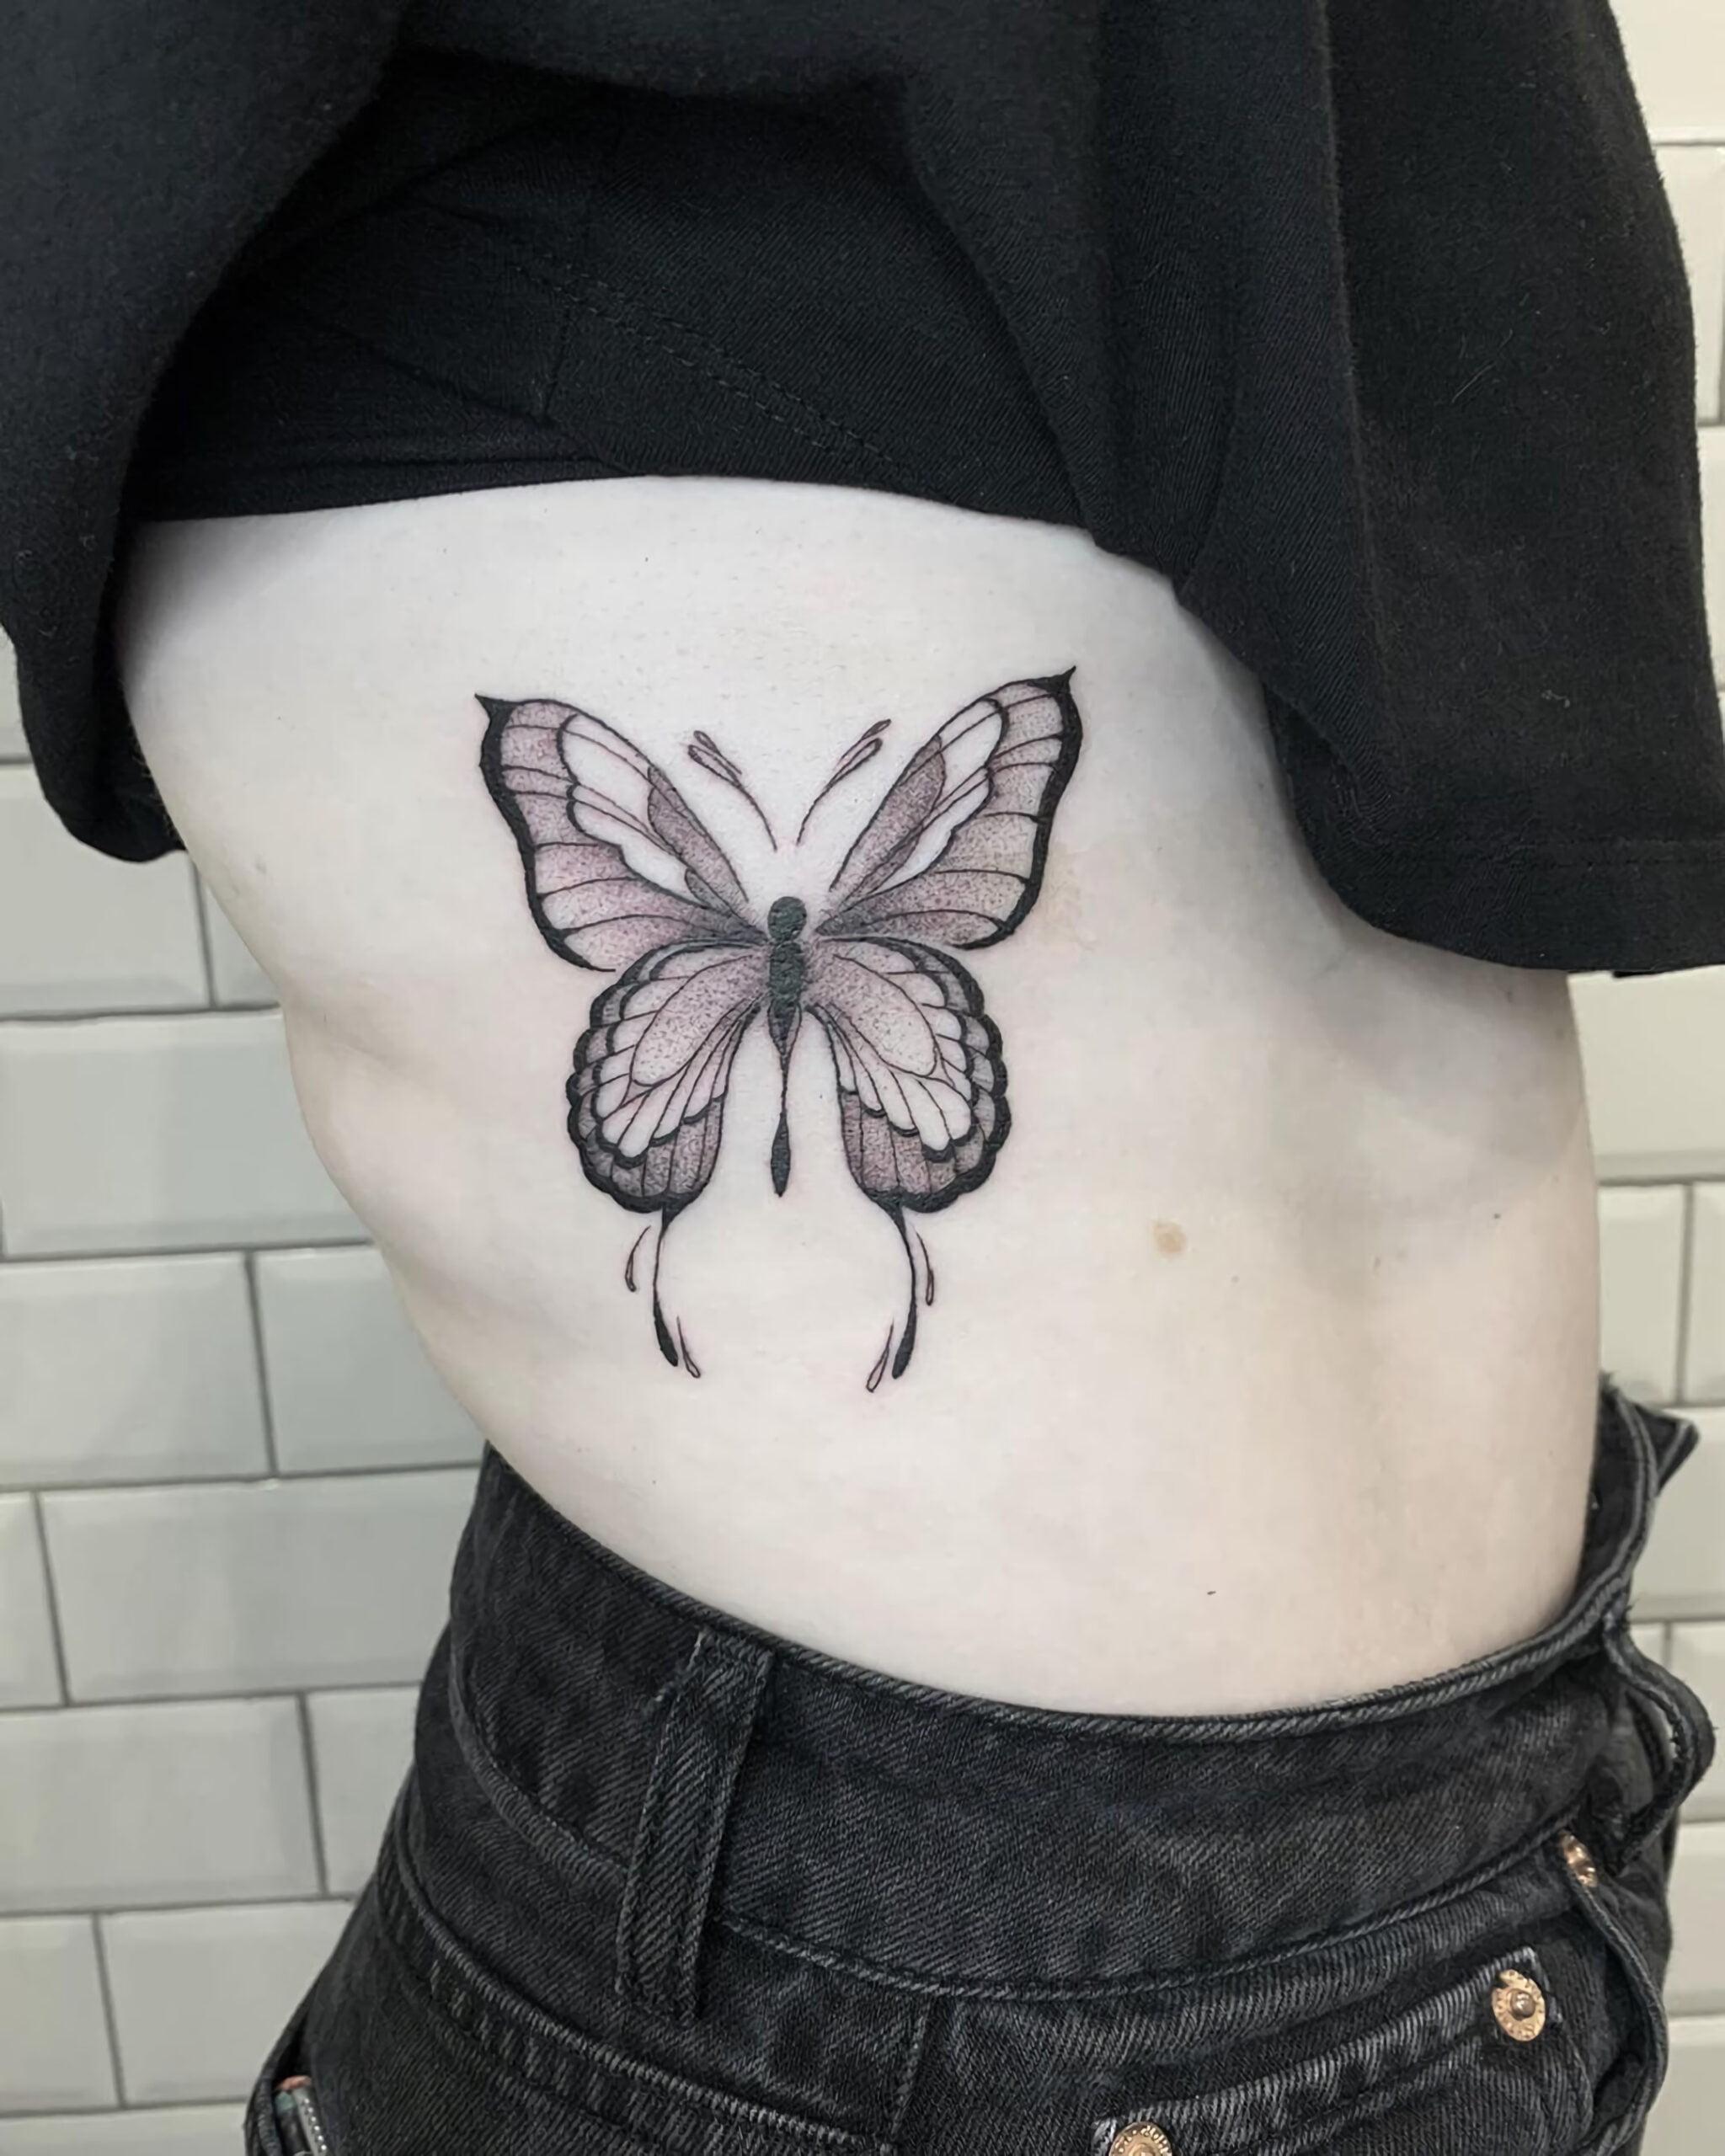 милая татуировка на ребрах